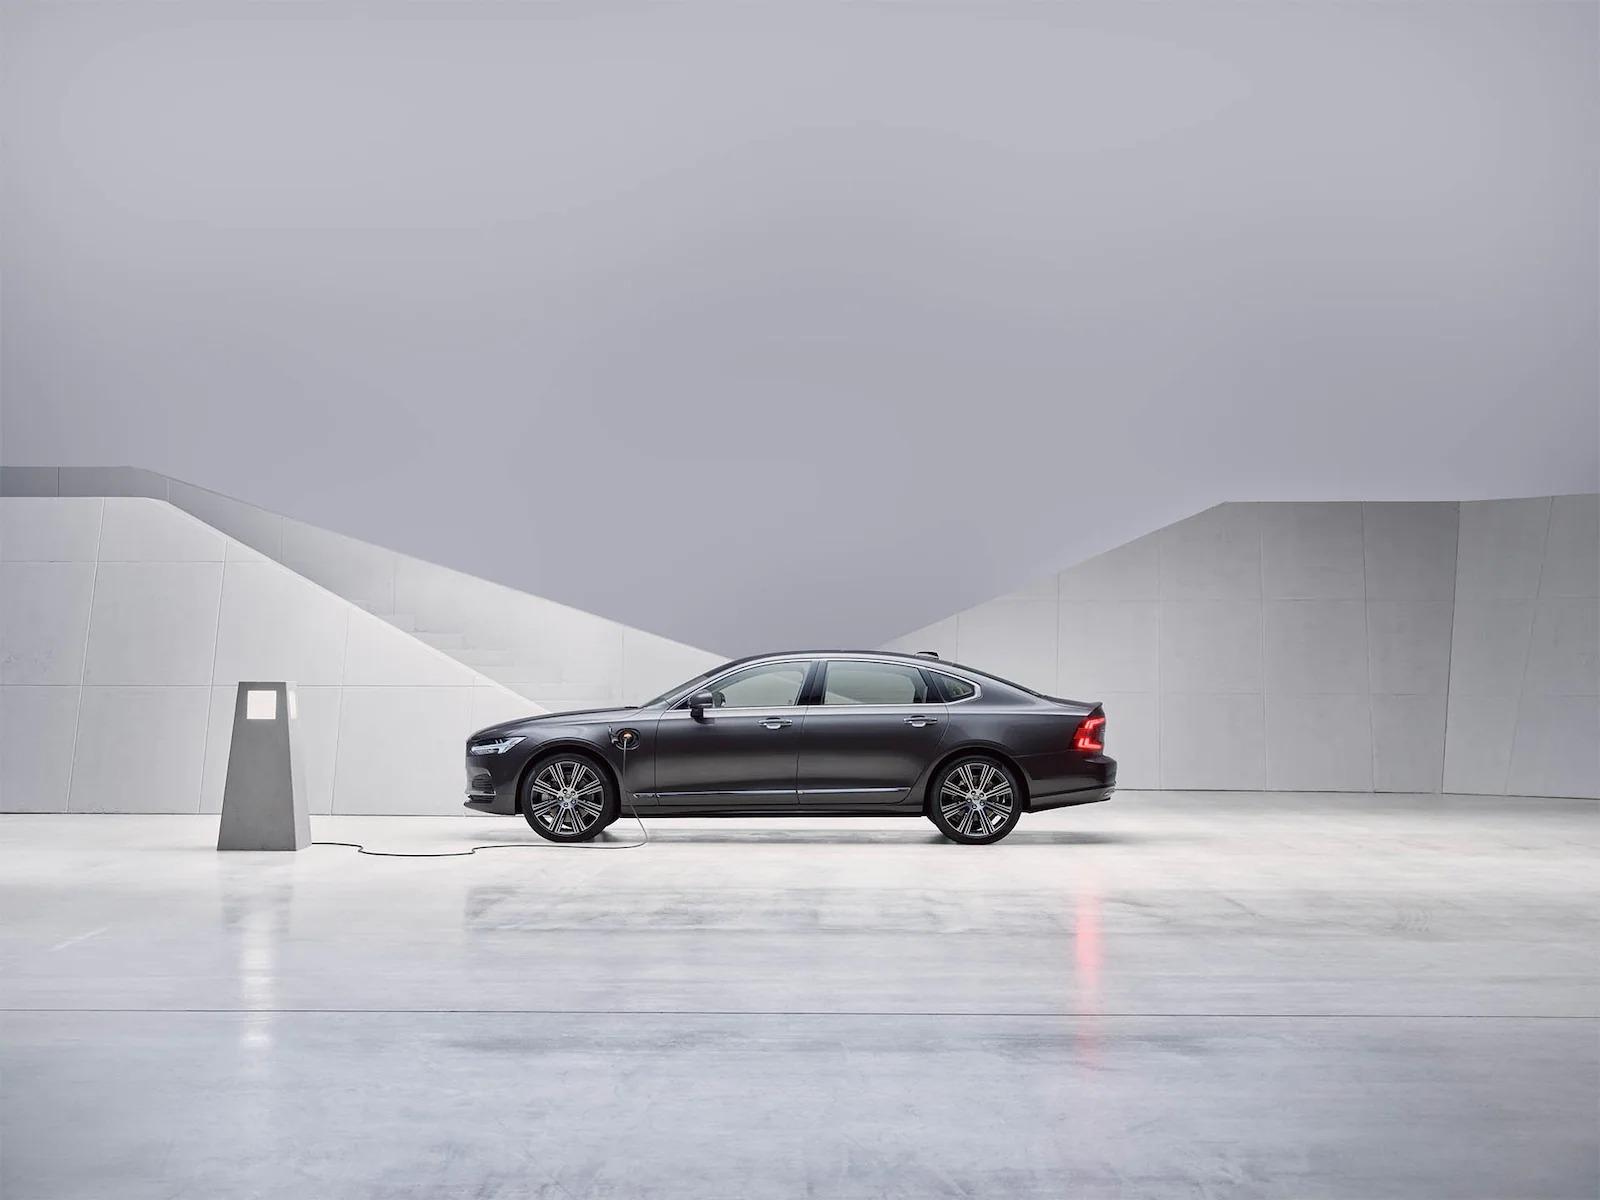 페블 그레이 Volvo S90 플러그인 하이브리드 세단이 정차된 채로 충전되는 모습